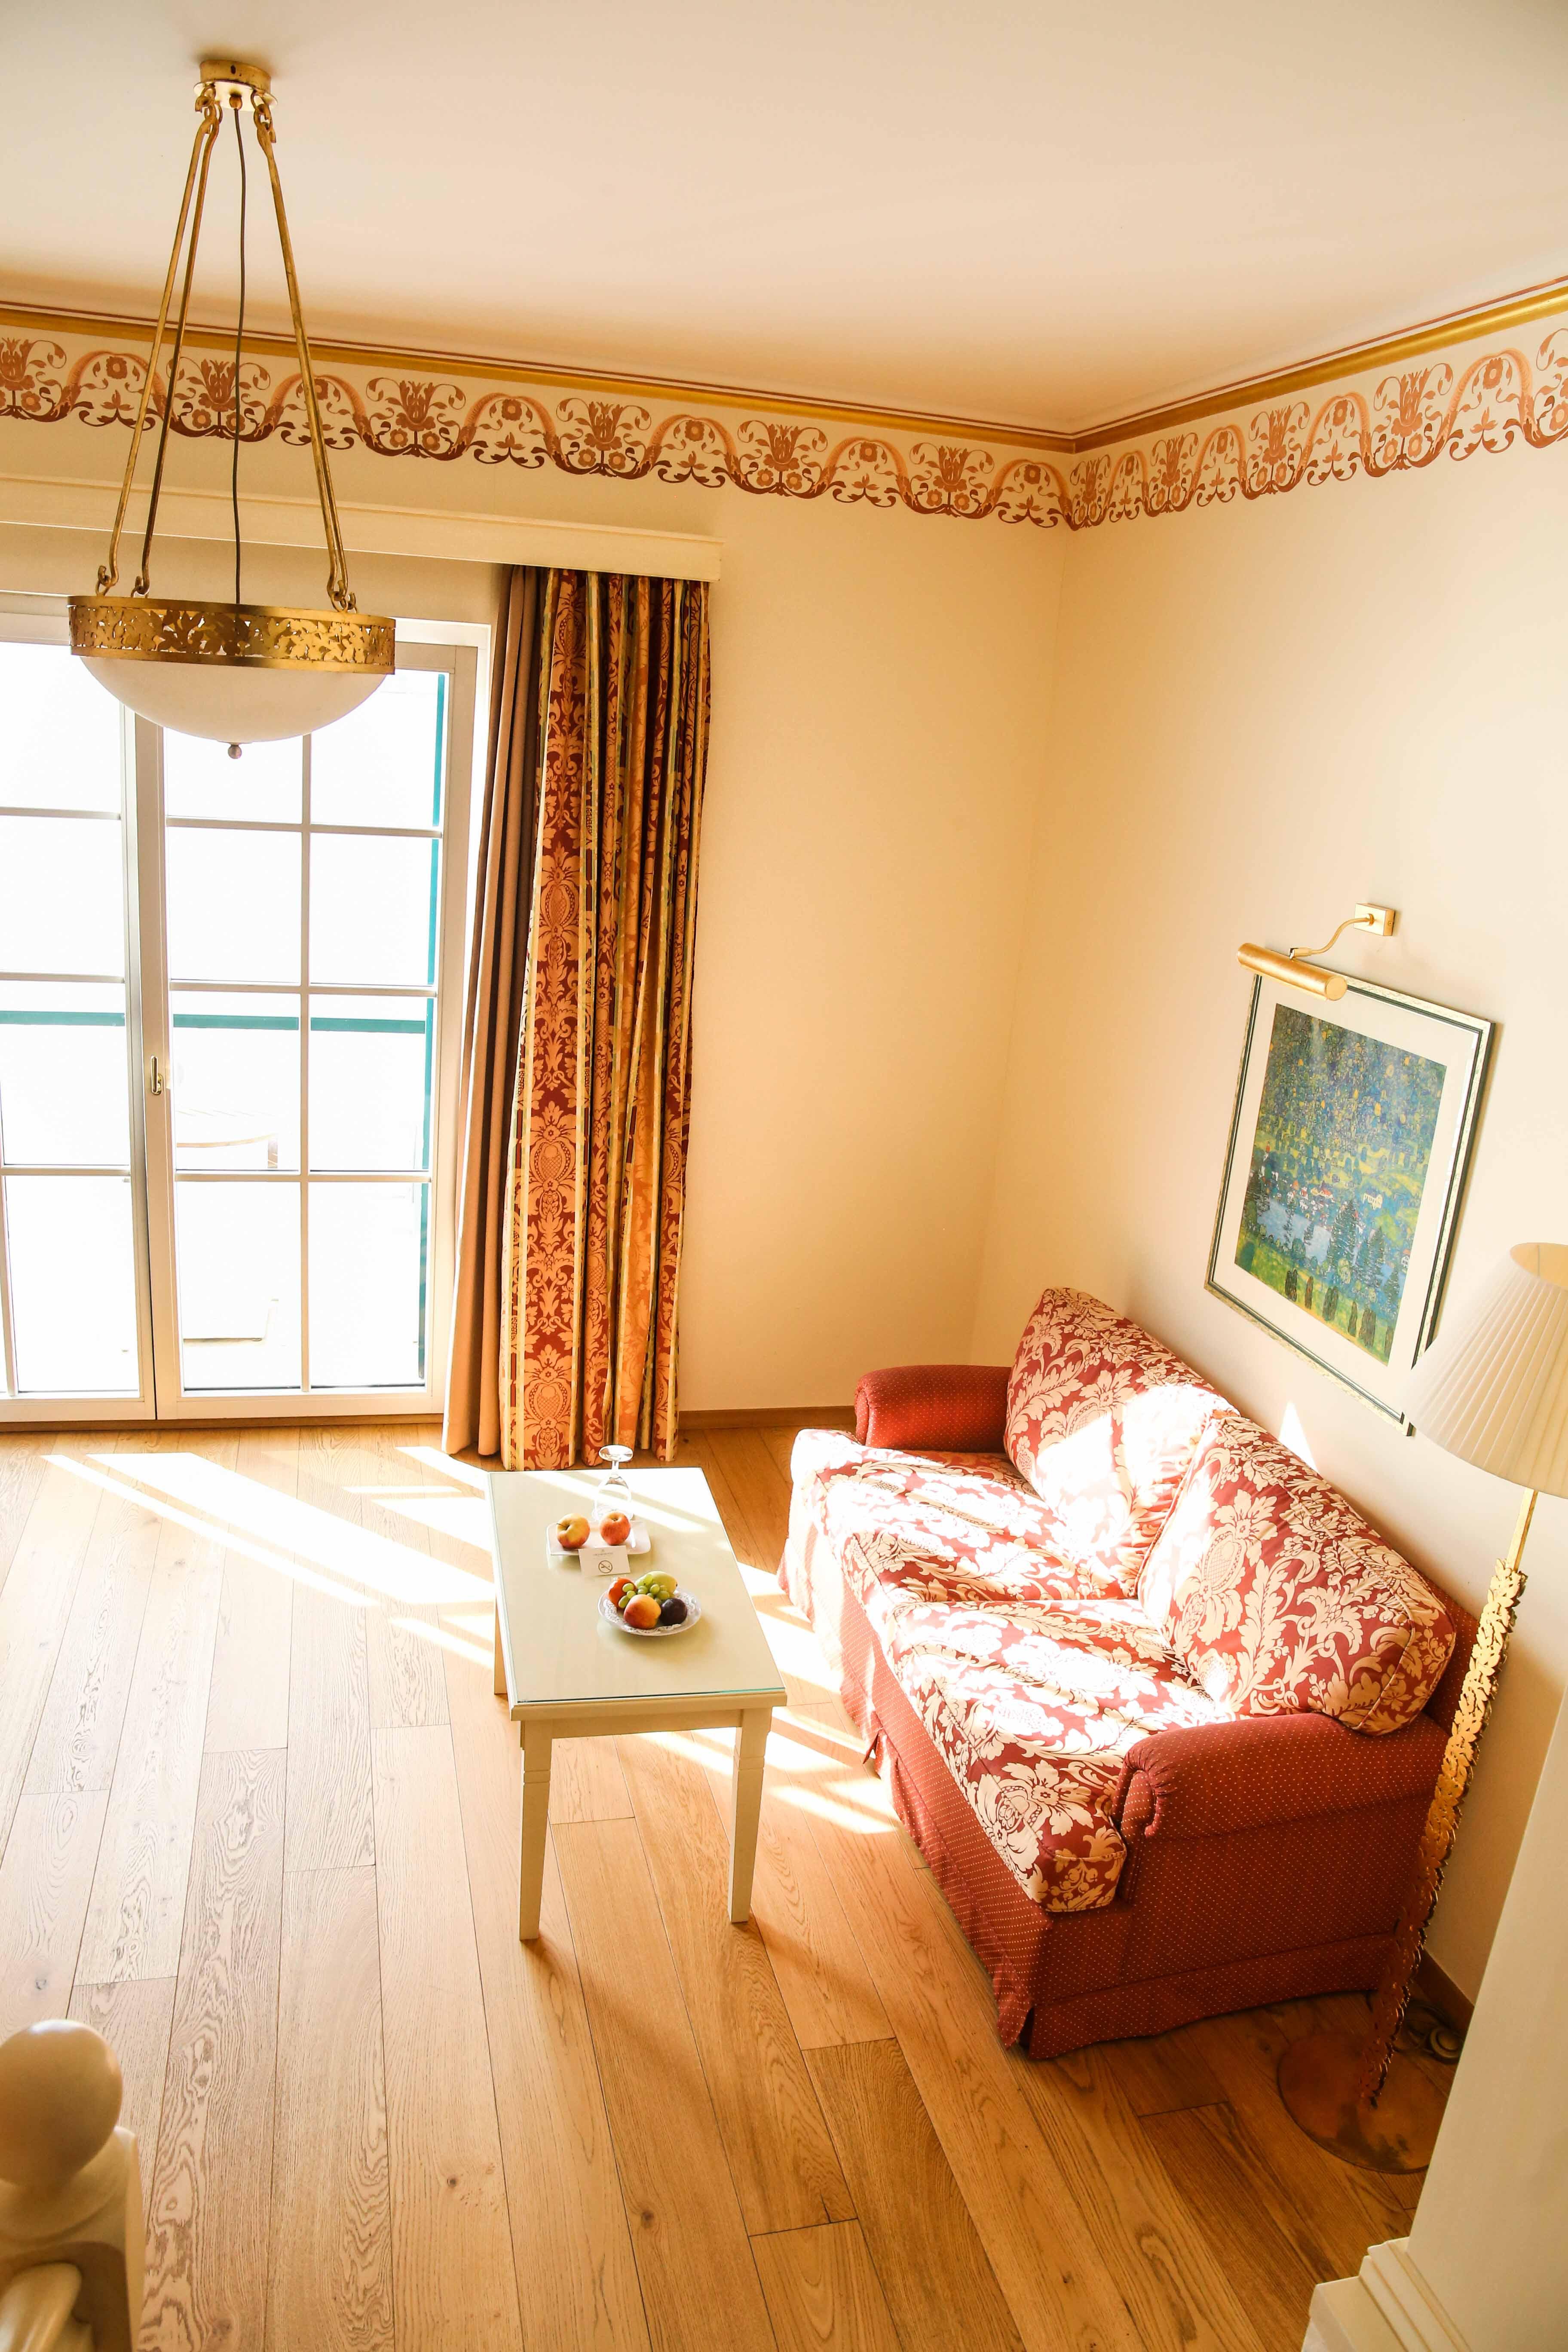 grand-hotel-zell-am-see-superior-doppelzimmer-einrichtung